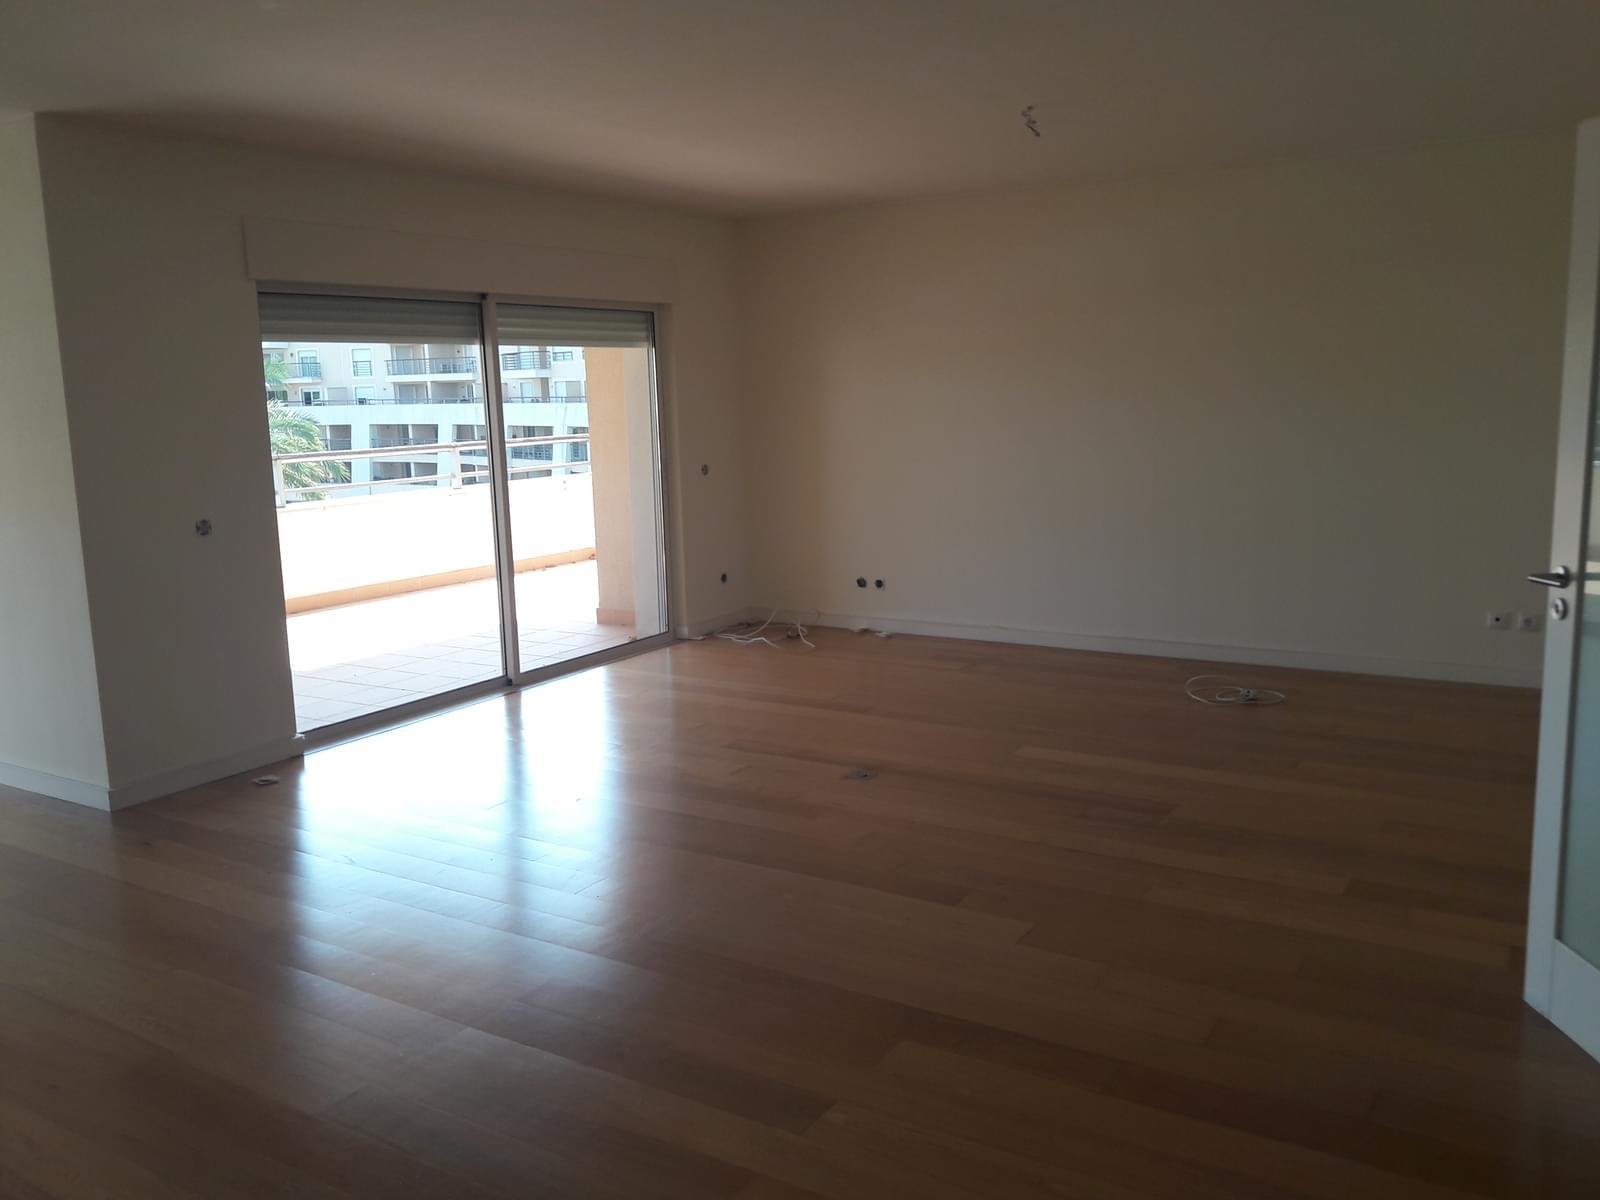 pf18143-apartamento-t3-cascais-e5c85fe7-5226-4b1d-b724-2c88ce616281